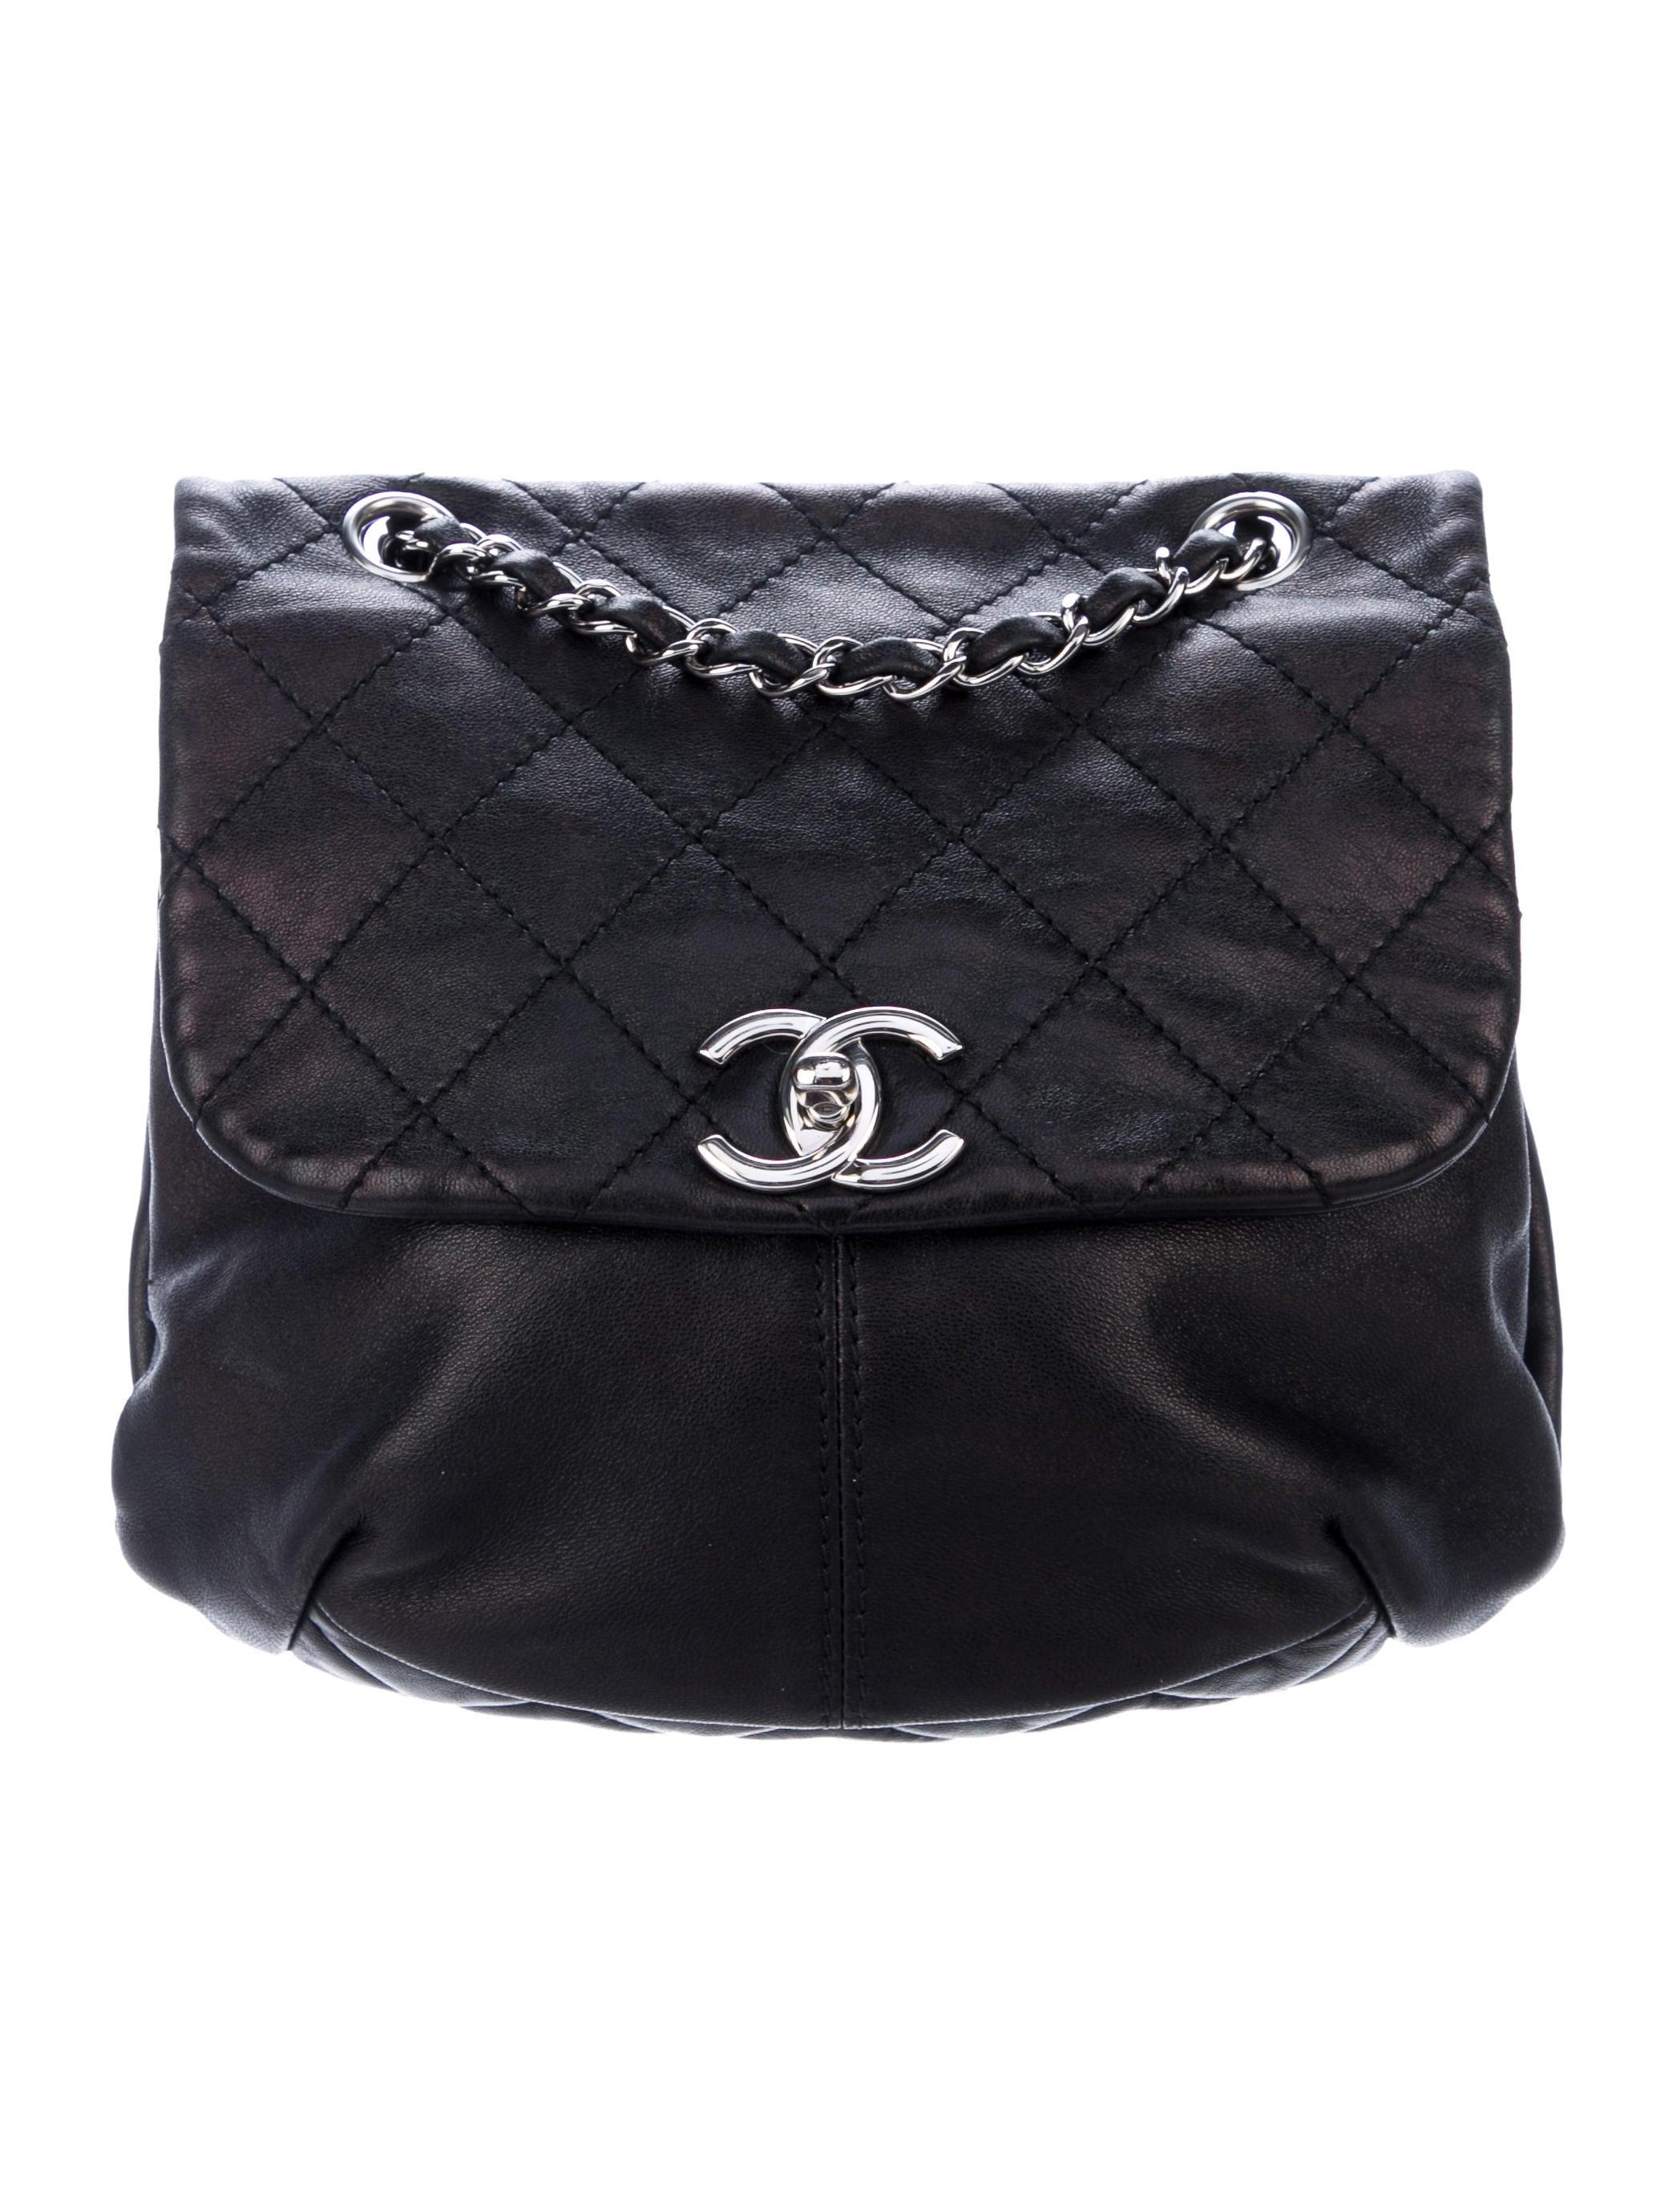 dab63396b3fa29 Chanel Small Trianon Messenger Bag - Handbags - CHA239657 | The RealReal